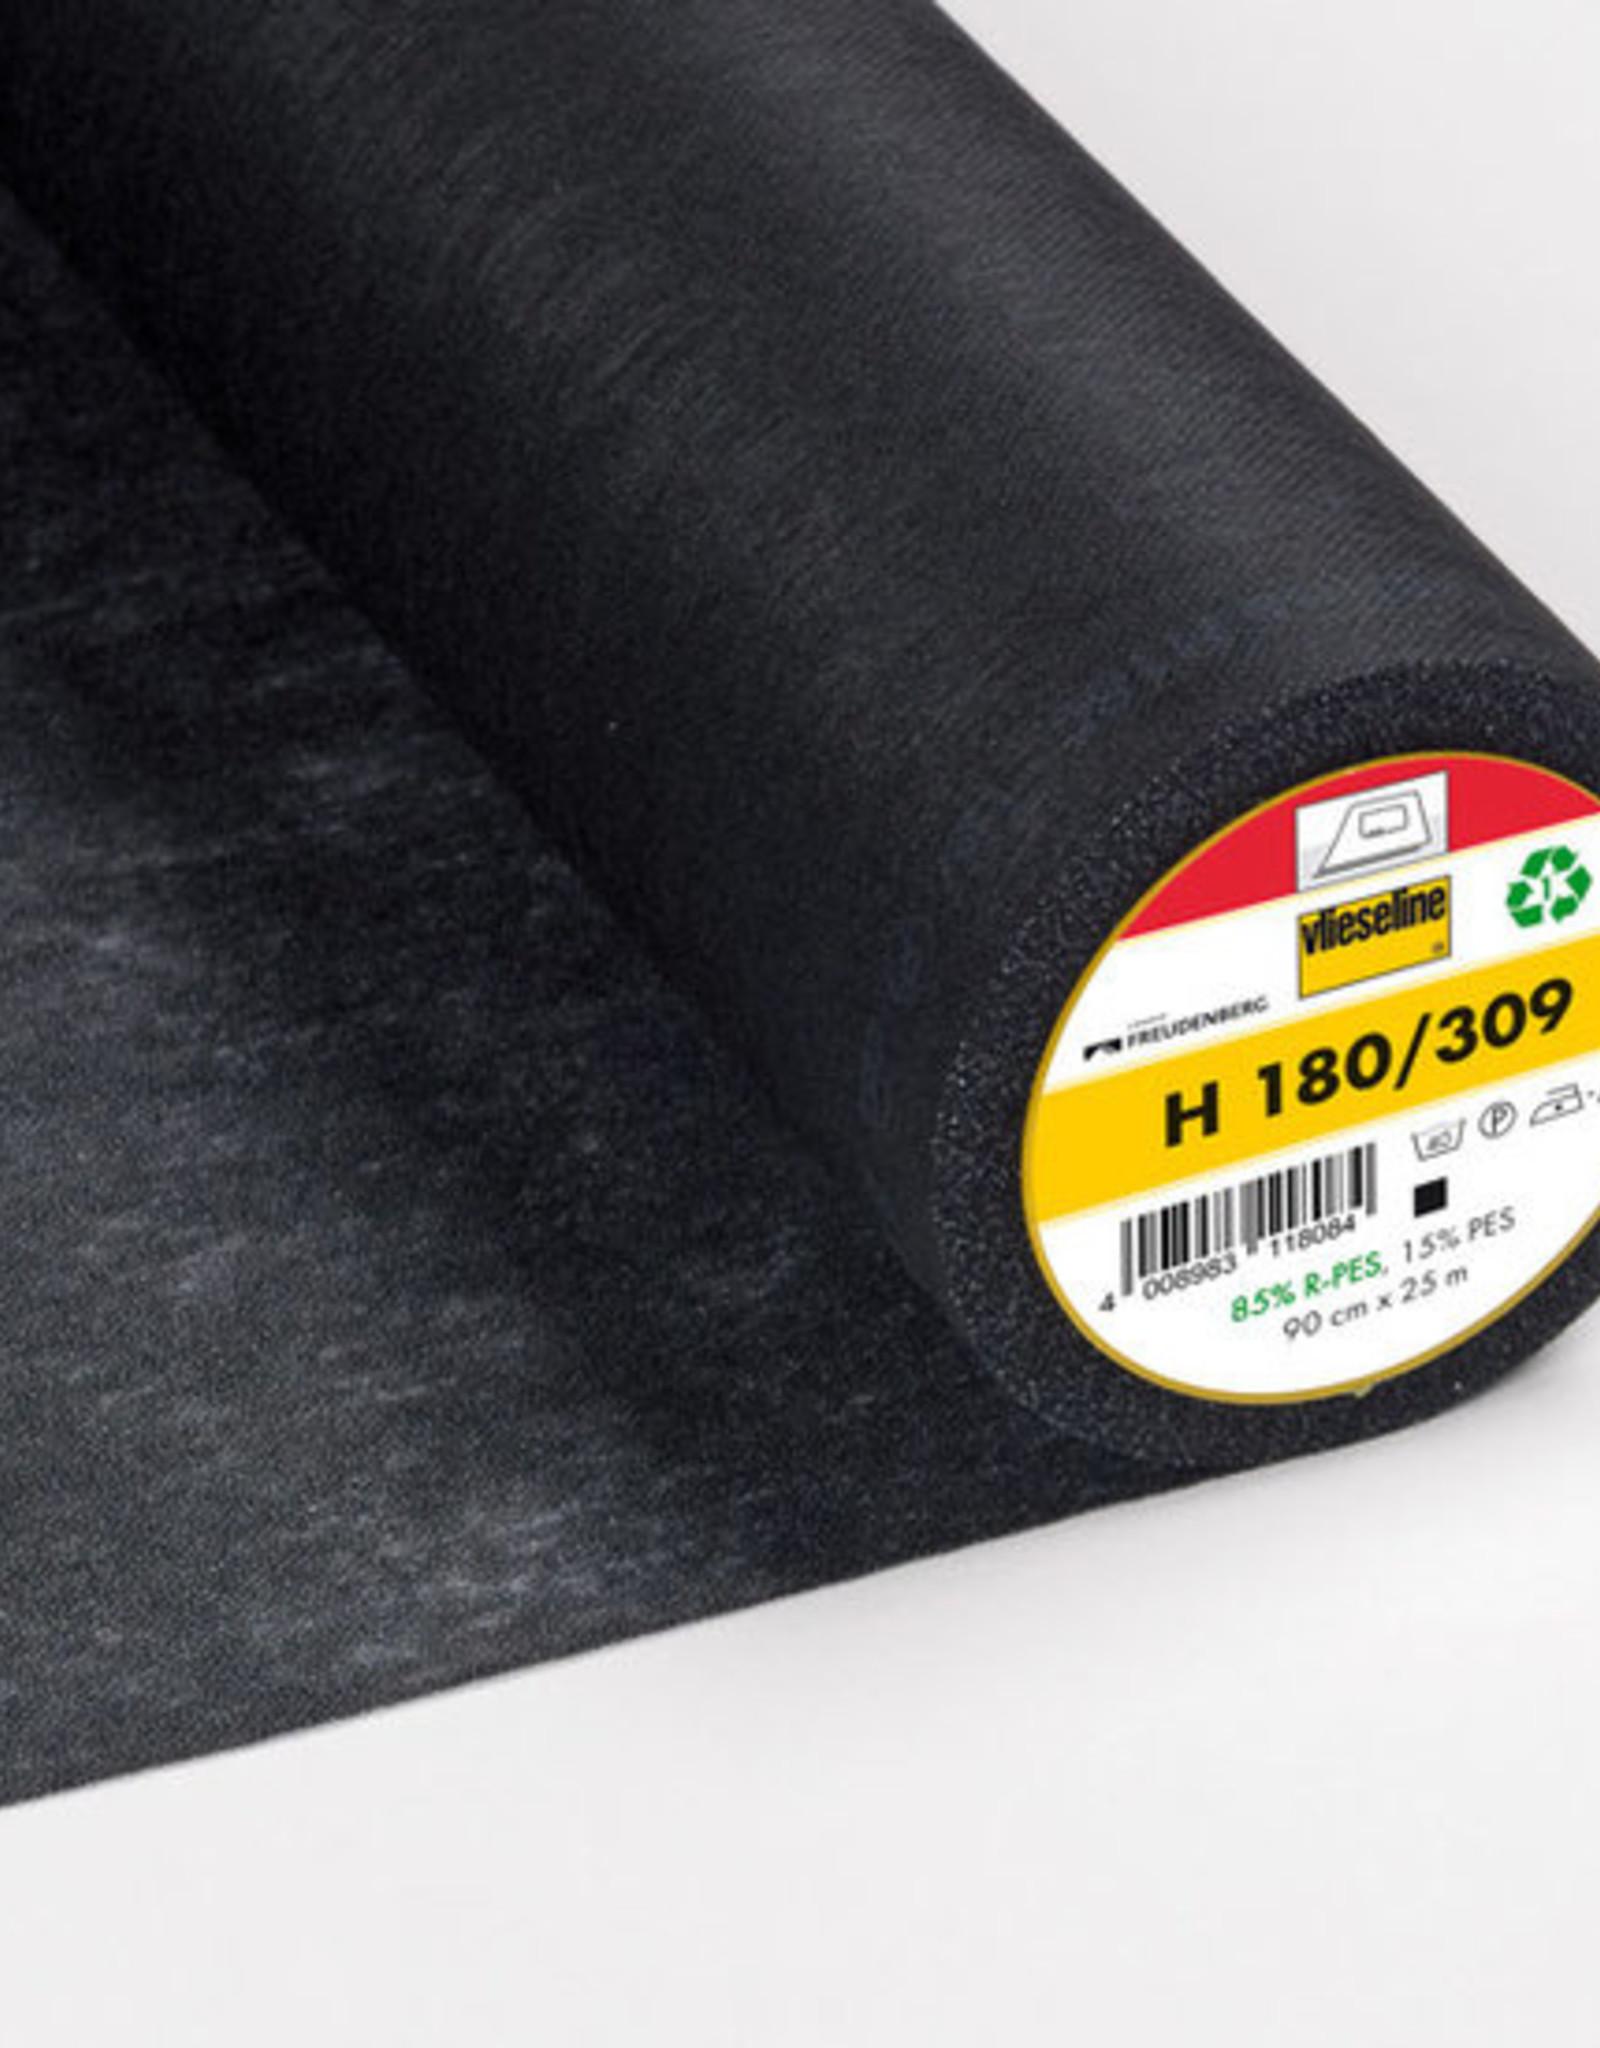 Vlieseline Strijkvlies versteviging - H180 - Zwart